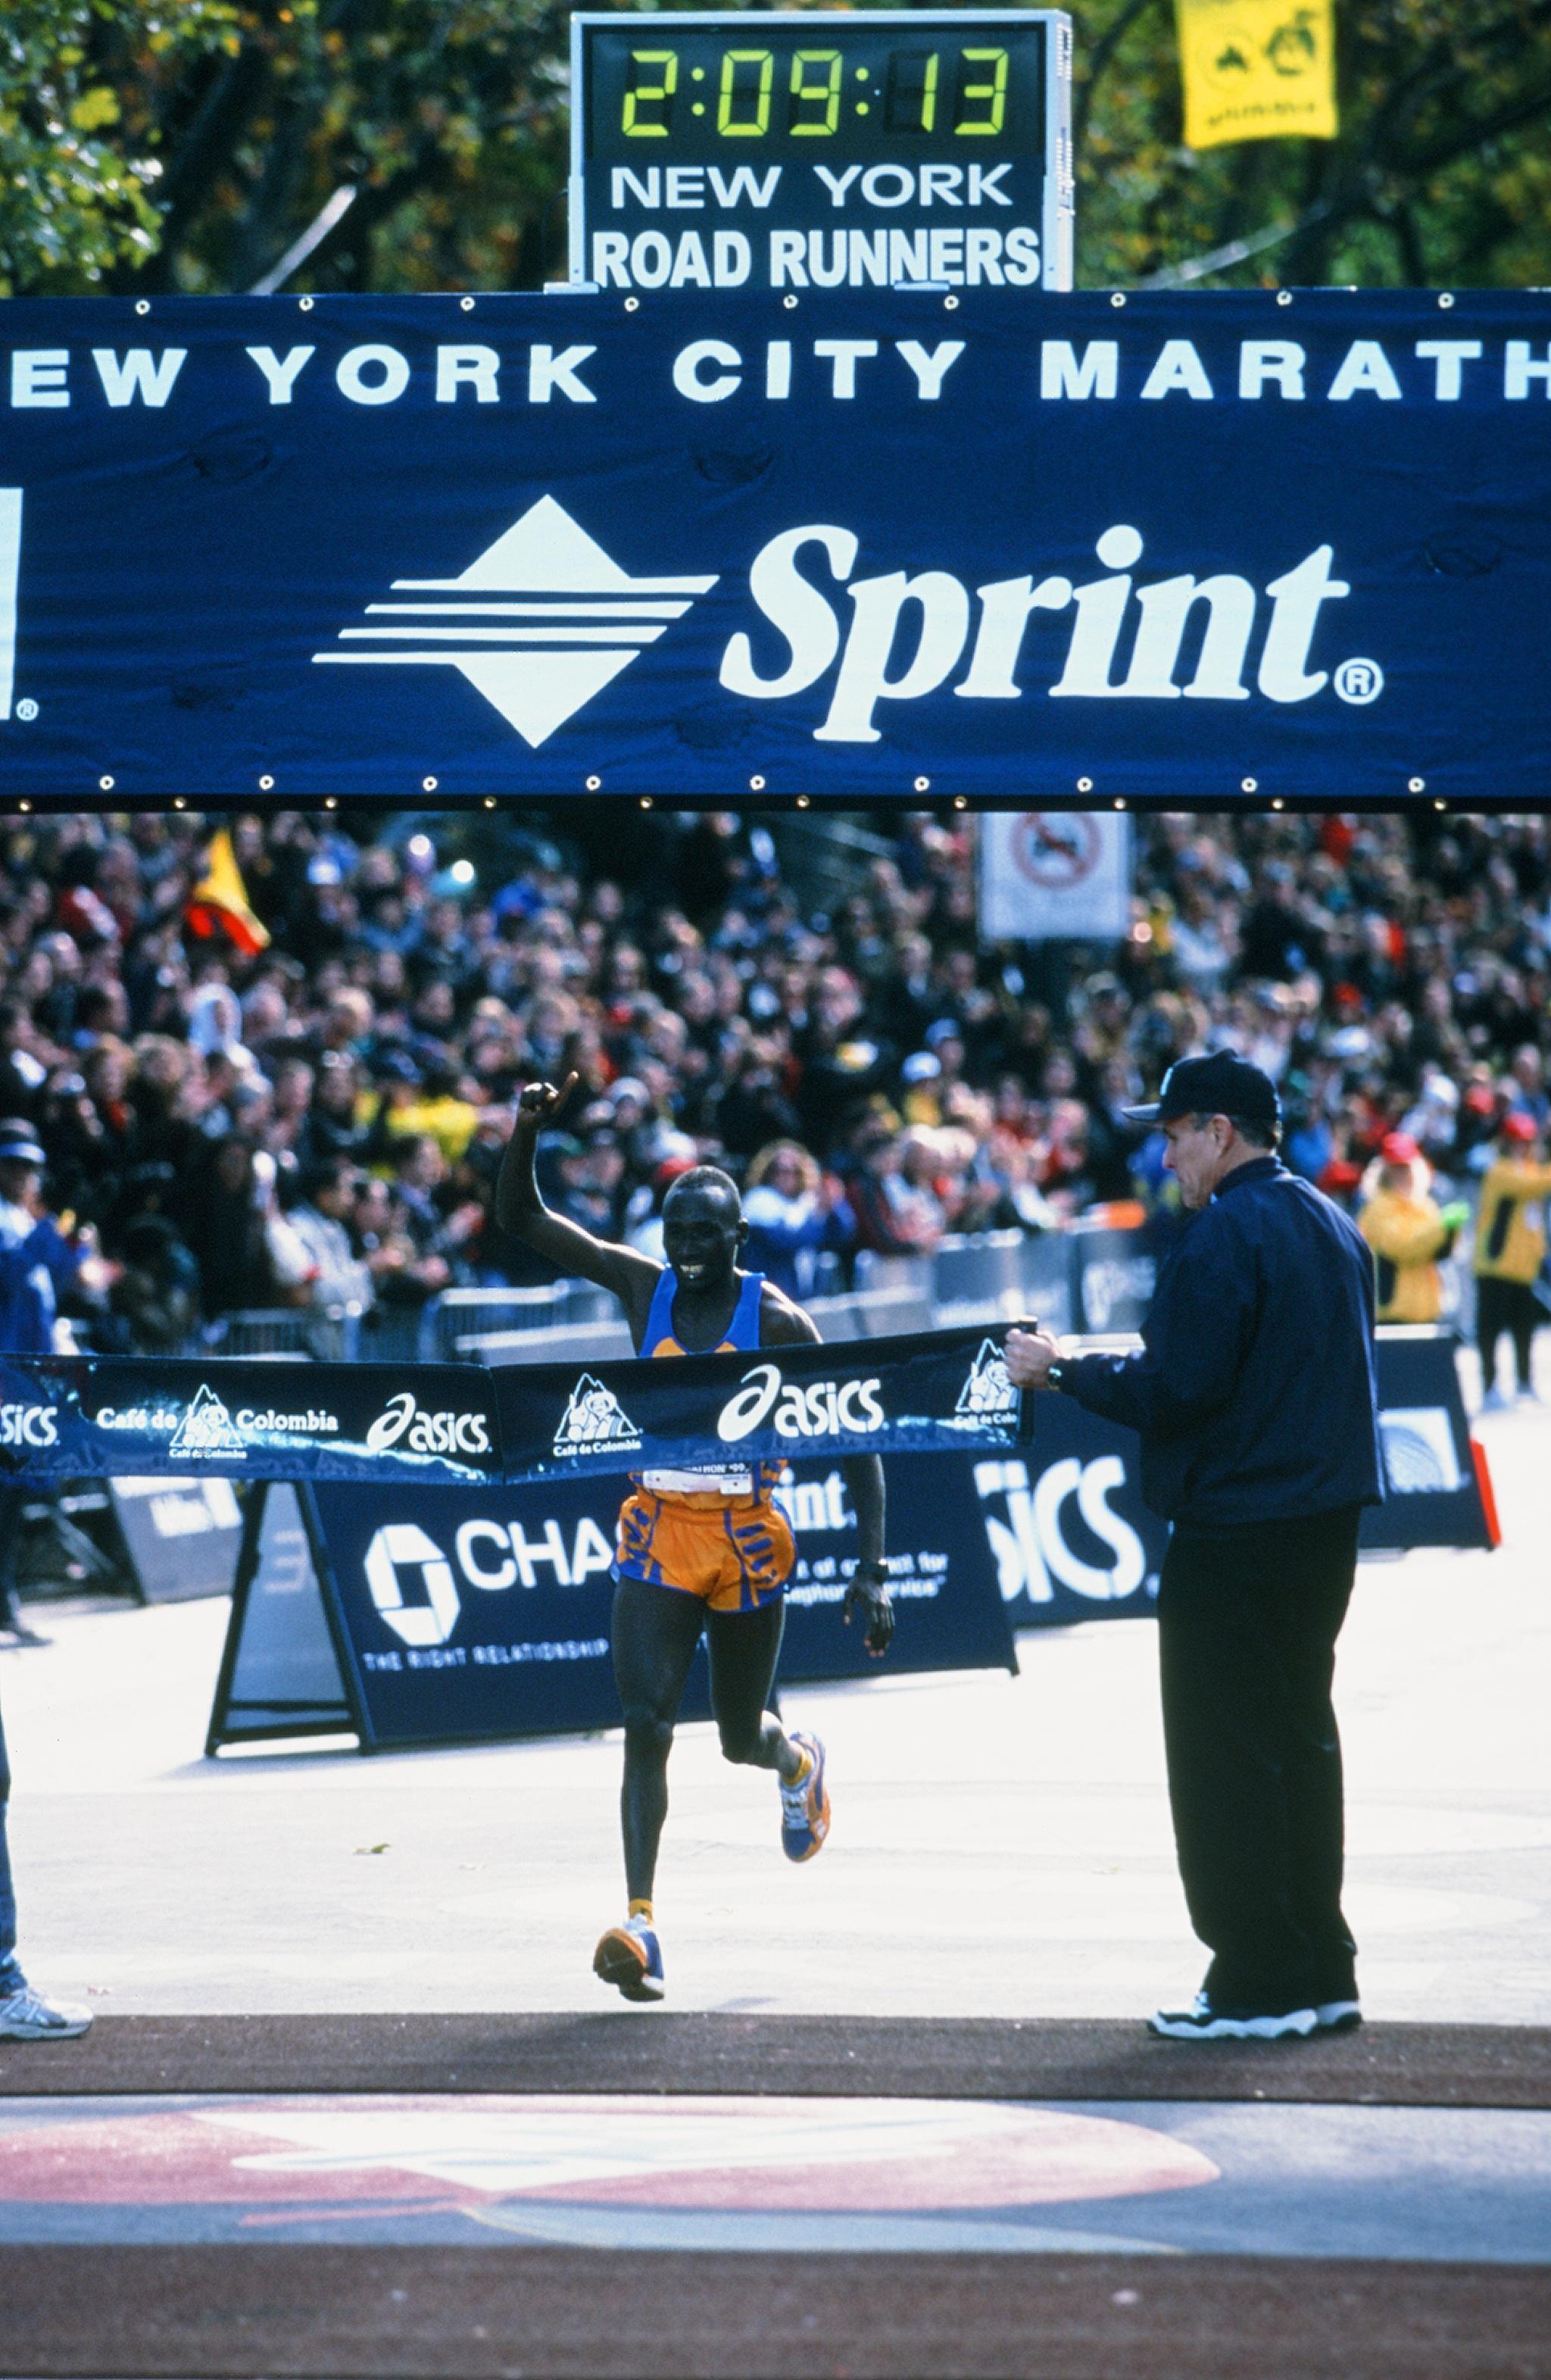 Joseph Chebet winning the 1999 New York City Marathon